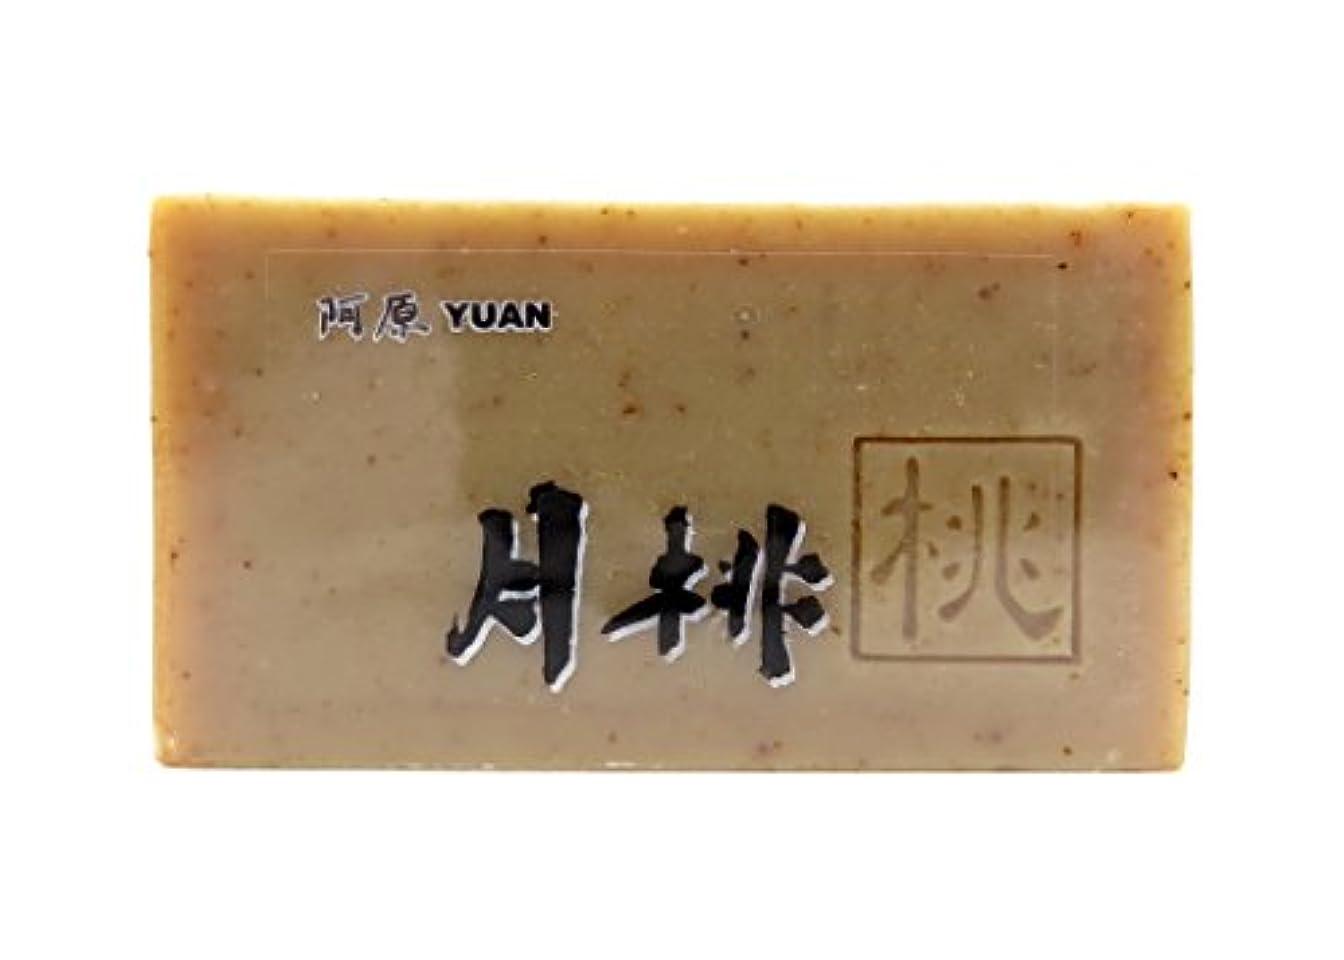 プーノ最適ドラマユアン(YUAN) 月桃(ゲットウ)ソープ 固形 100g (阿原 ユアンソープ)